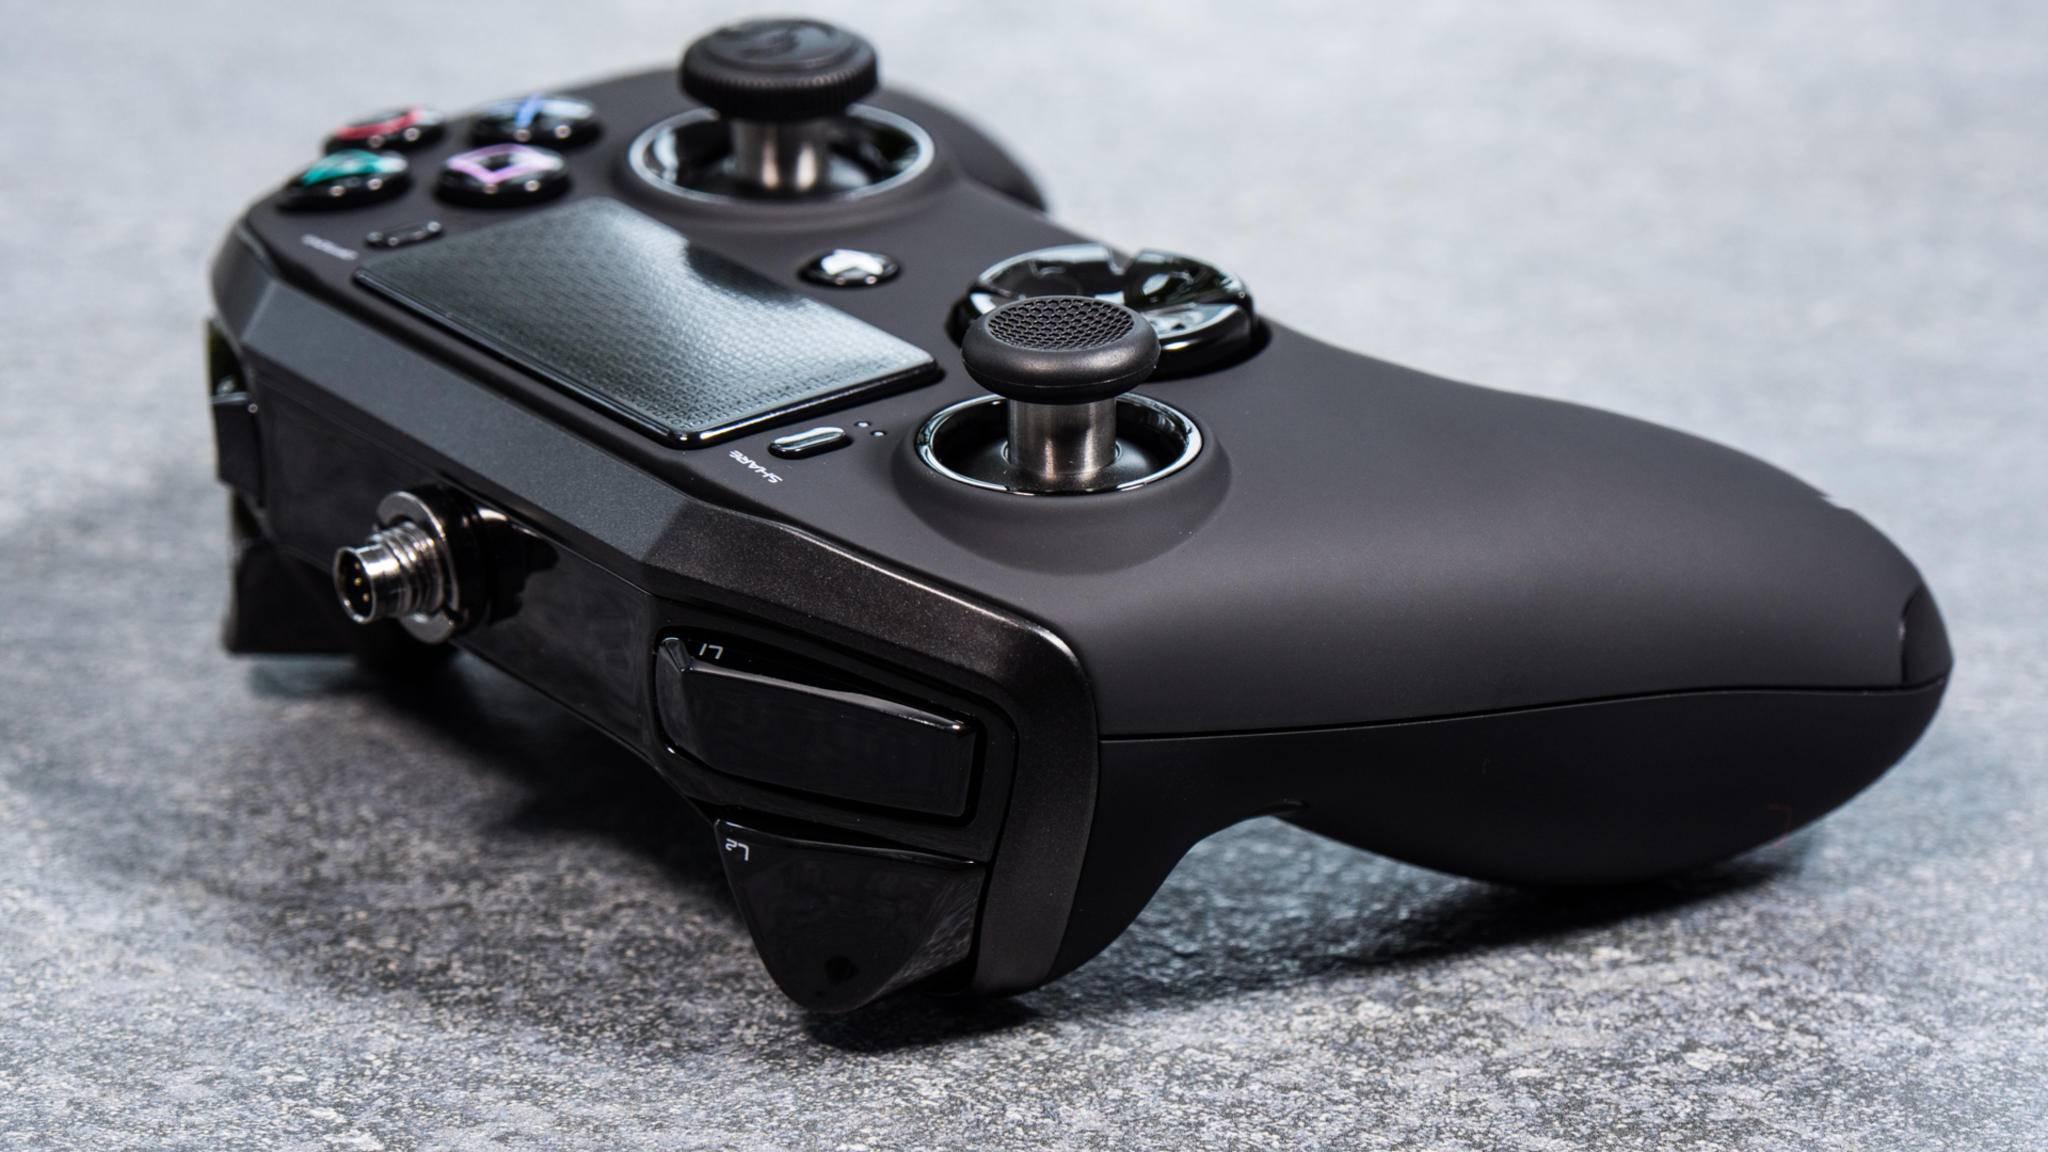 Der Nacon Revolution Pro: Gute Alternative zum DualShock-Controller für PS4?